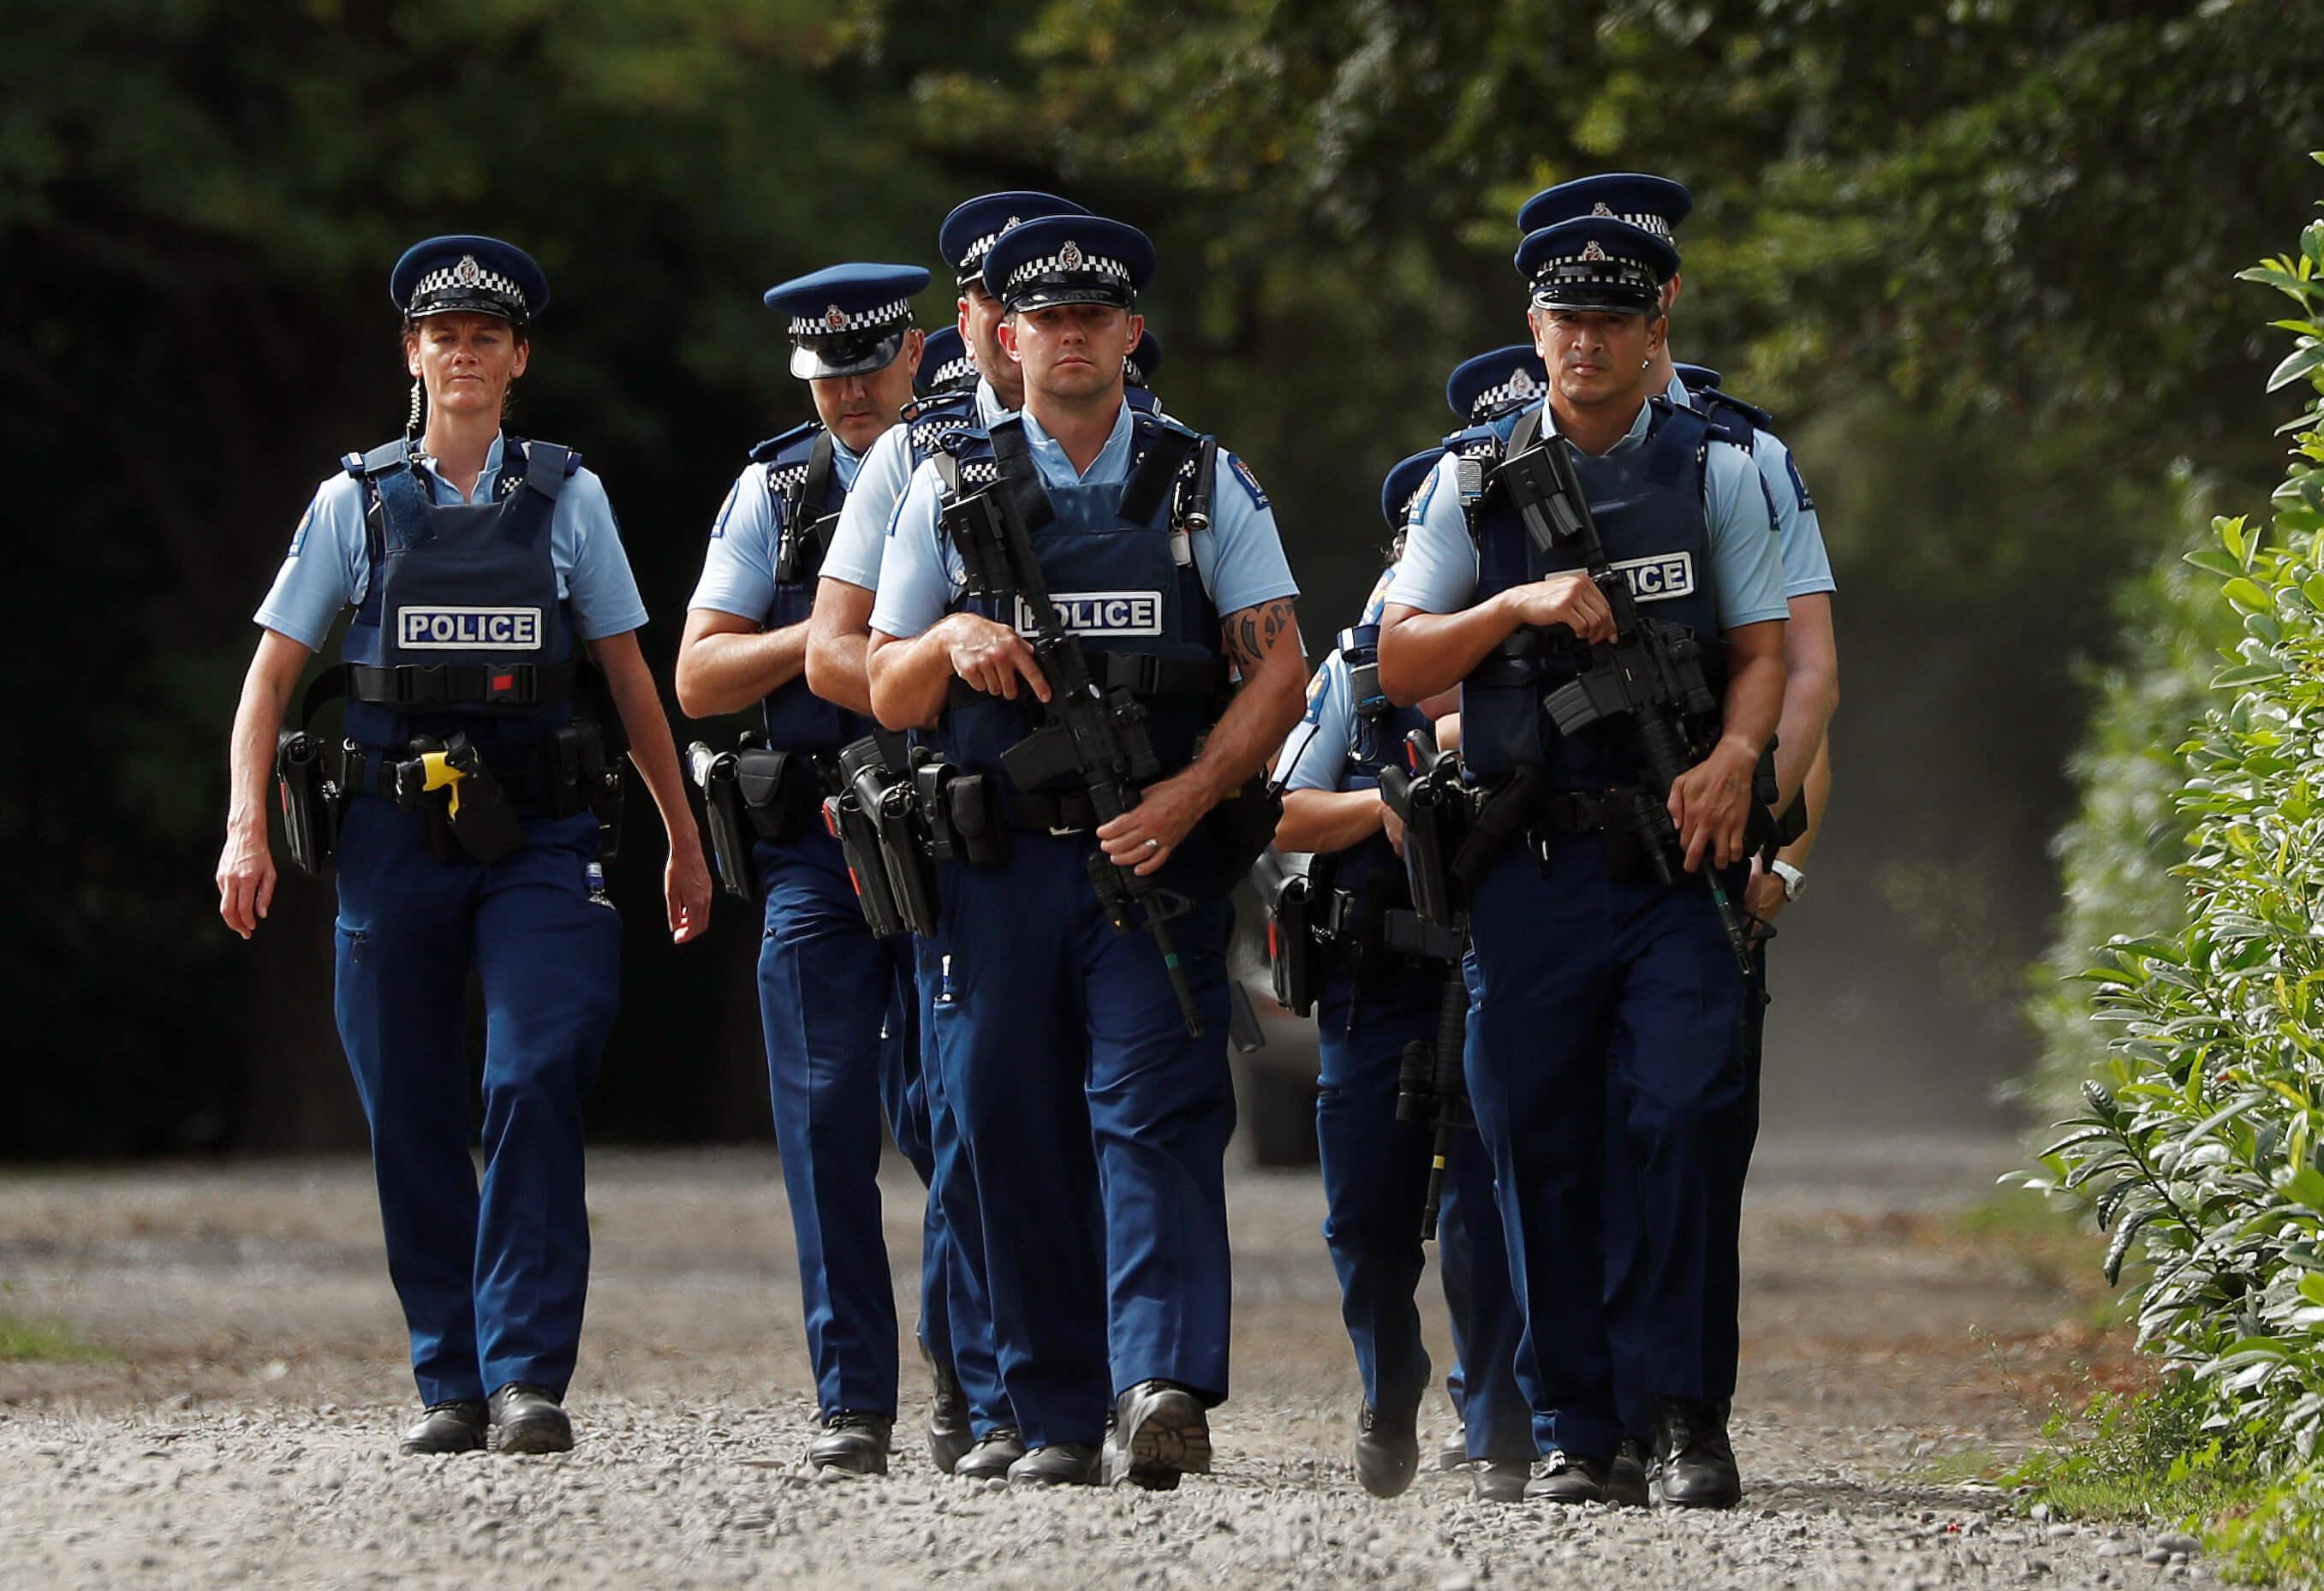 Νέο θρίλερ στο Κράιστσερτς της Νέας Ζηλανδίας - Άνδρας είχε οπλοστάσιο σπίτι του! Τον βρήκαν μαχαιρωμένο στο αυτοκίνητό του!